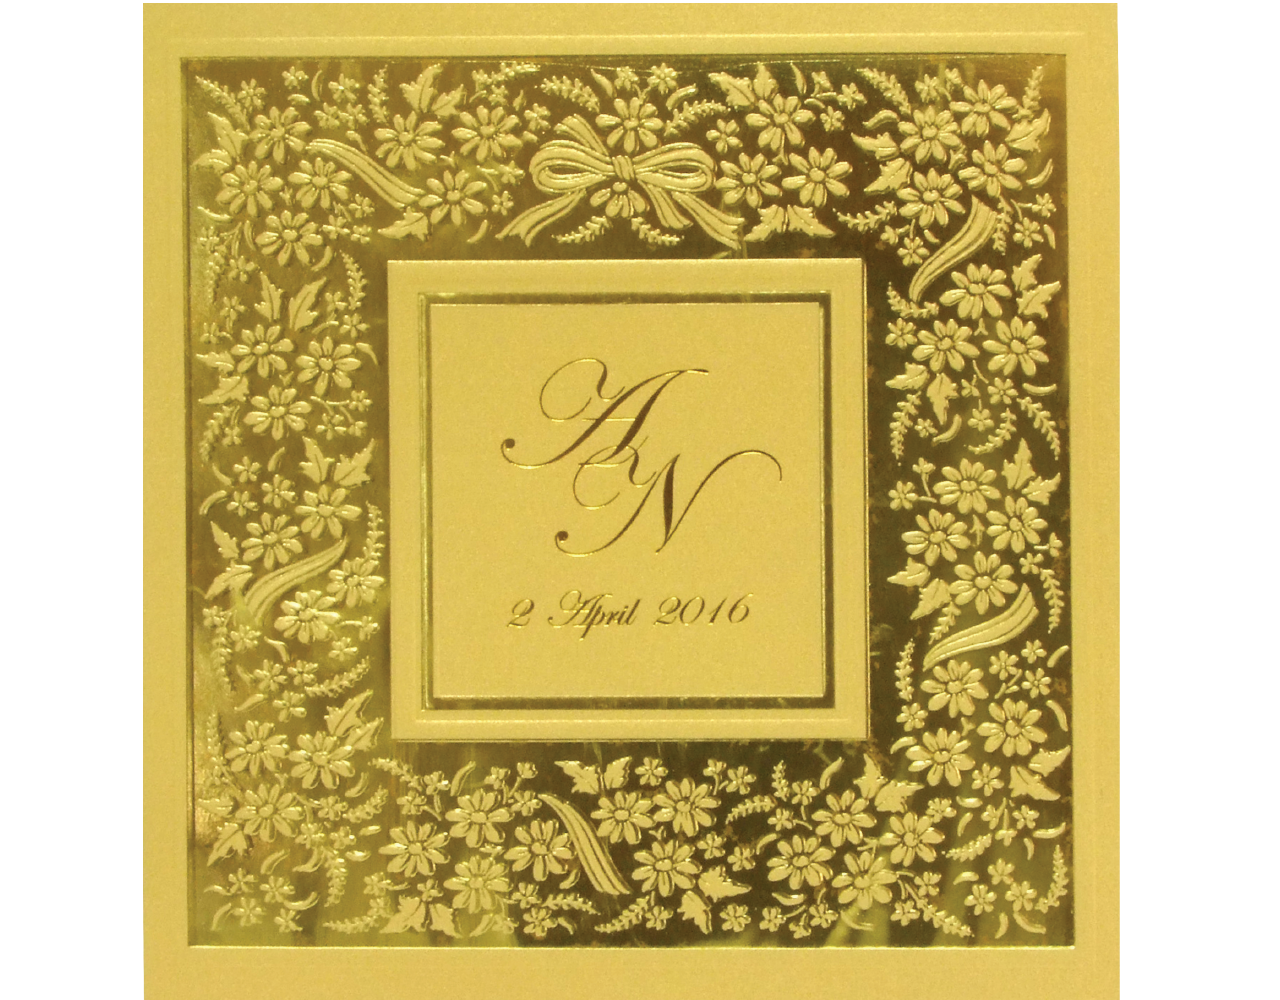 การ์ดแต่งงาน 17 x 17.5 cm SP 5610 Gold ฿ 9.50